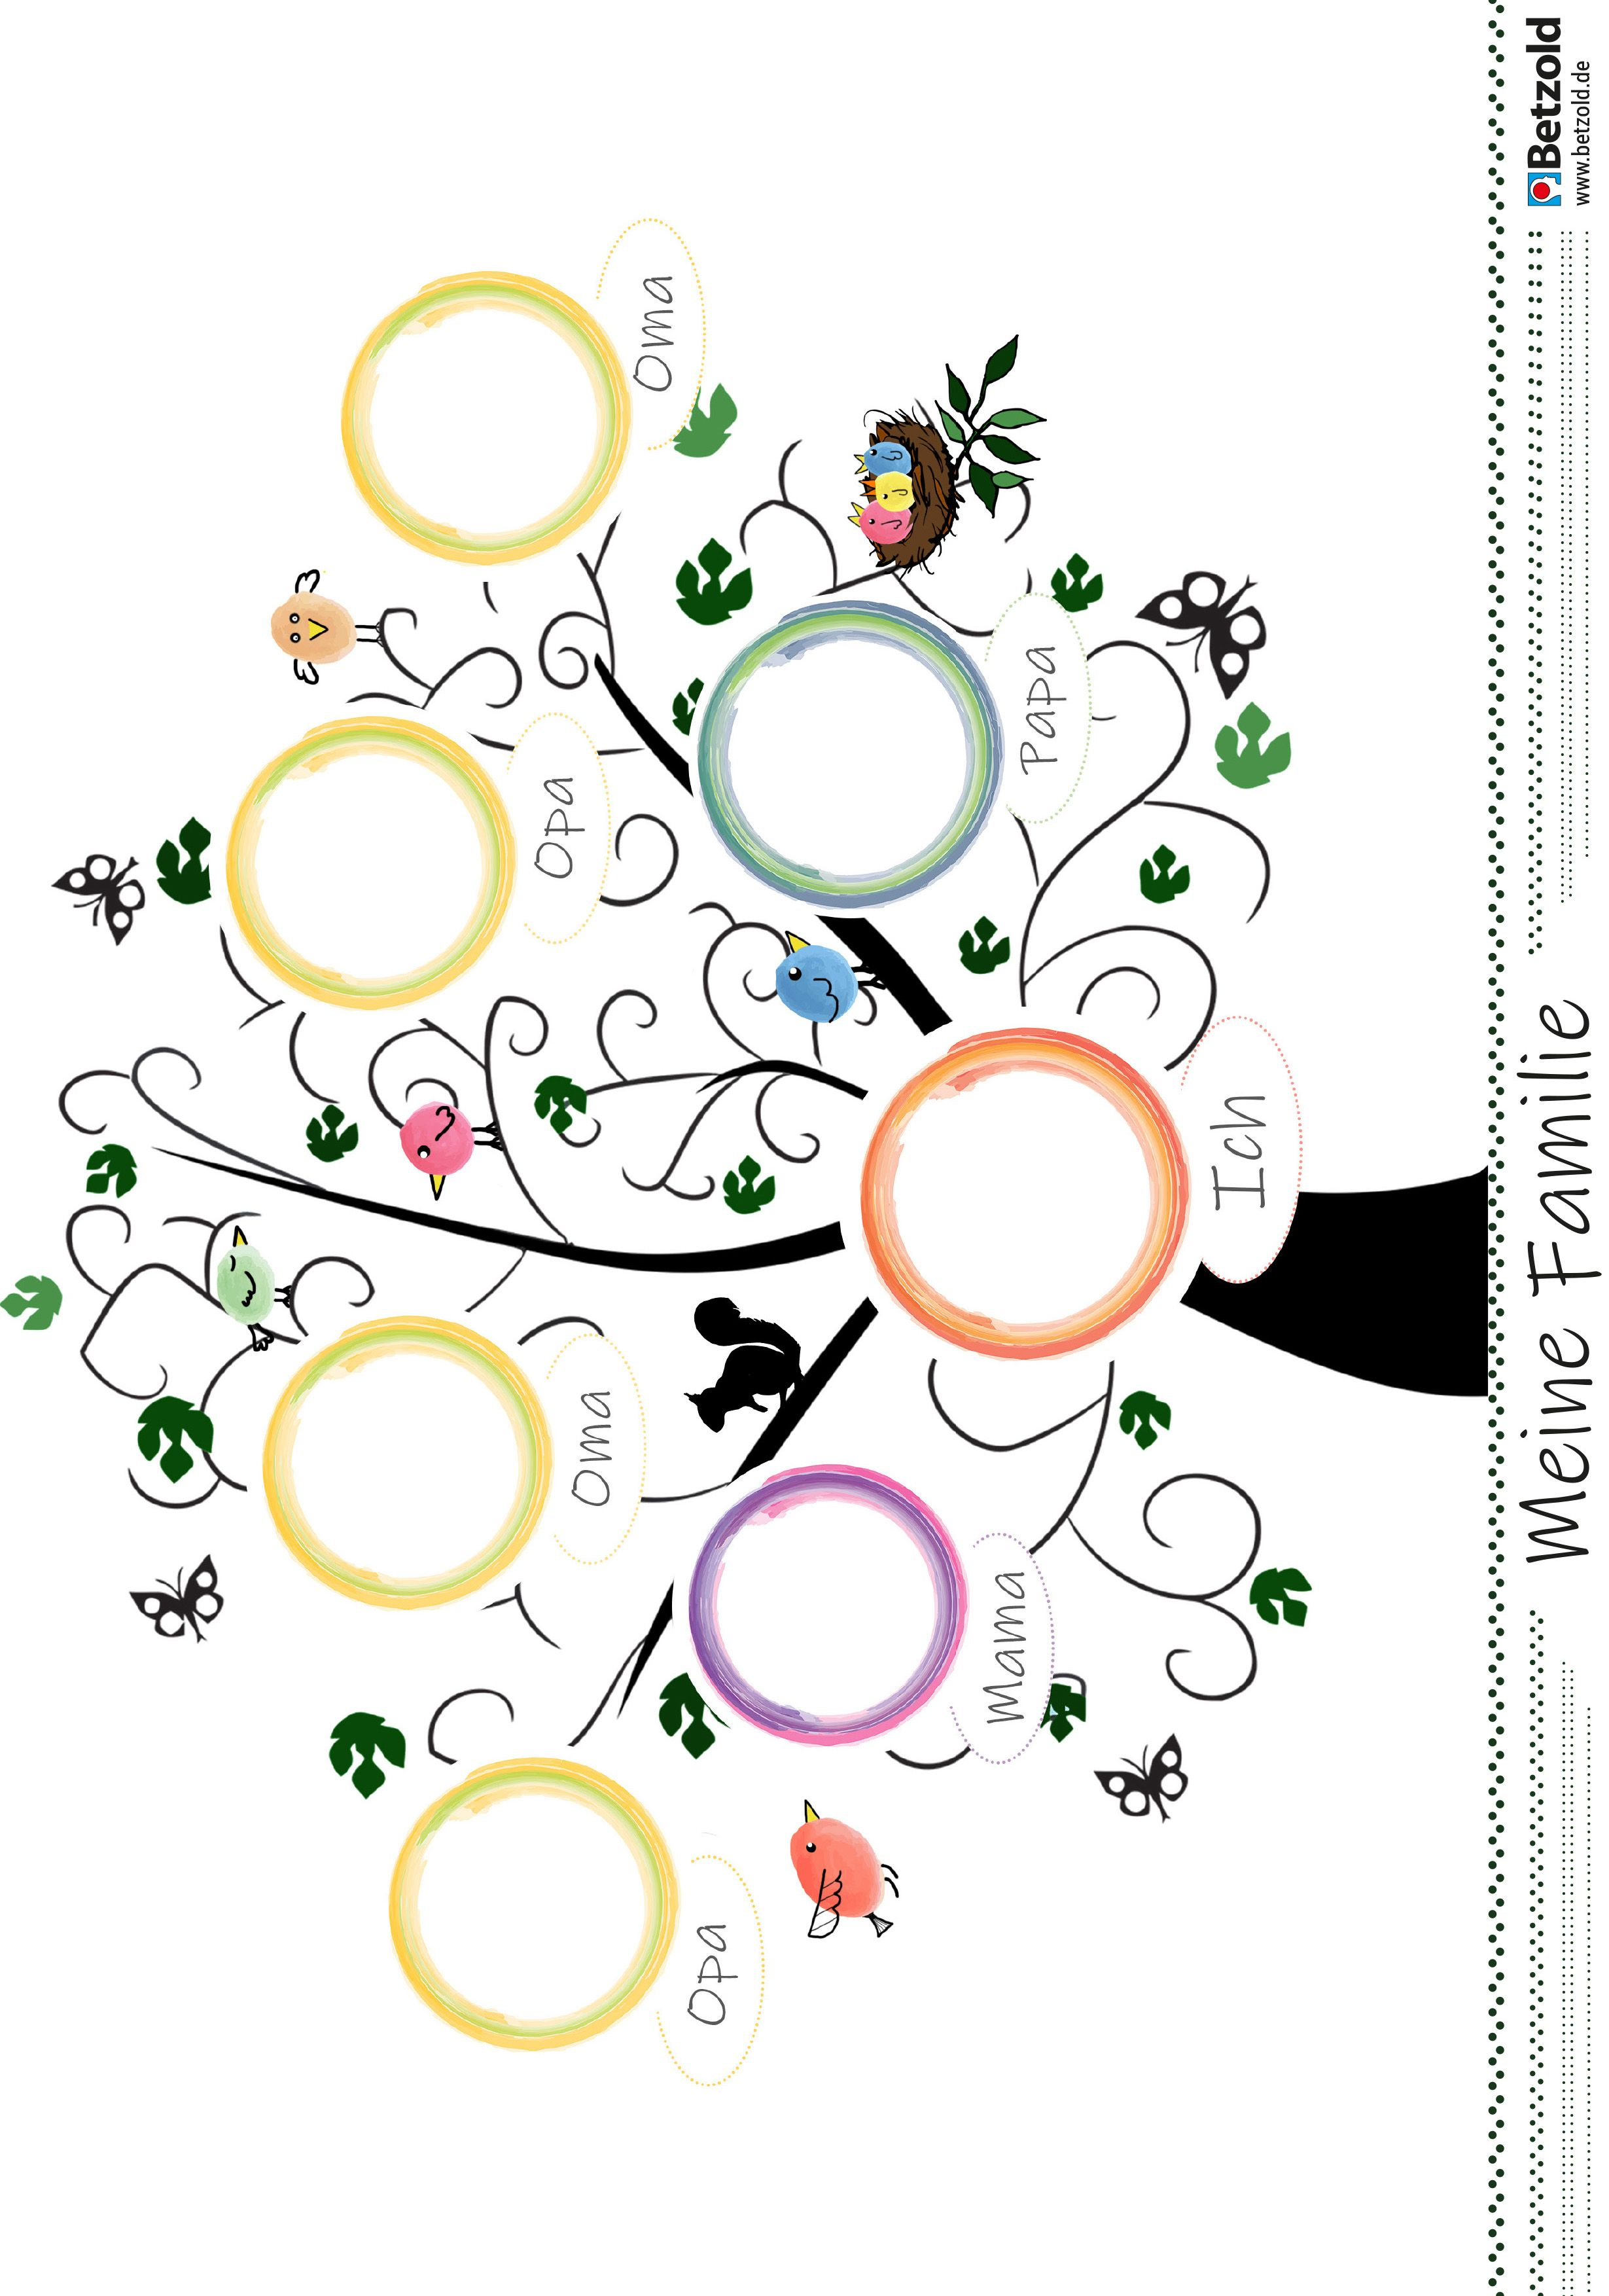 Stammbaum Vorlage Kostenlos Fur Kinder In 2020 Stammbaum Vorlage Stammbaum Stammbaum Familie